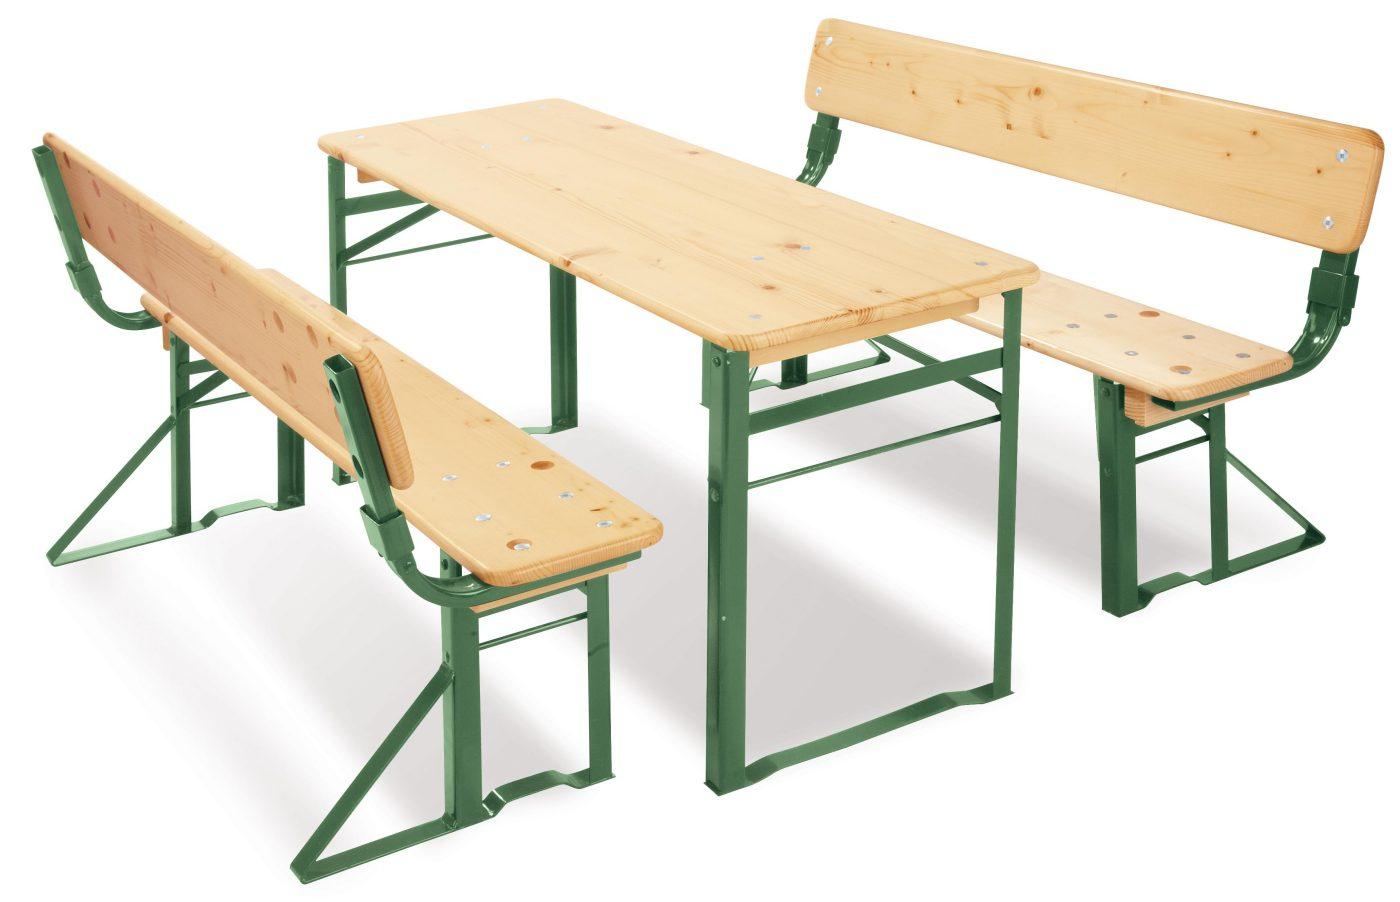 Gartenmobel Palette Diy : Abb KinderPartygarnitur Sepp mit Lehne 2 zusammenklappbare Kin